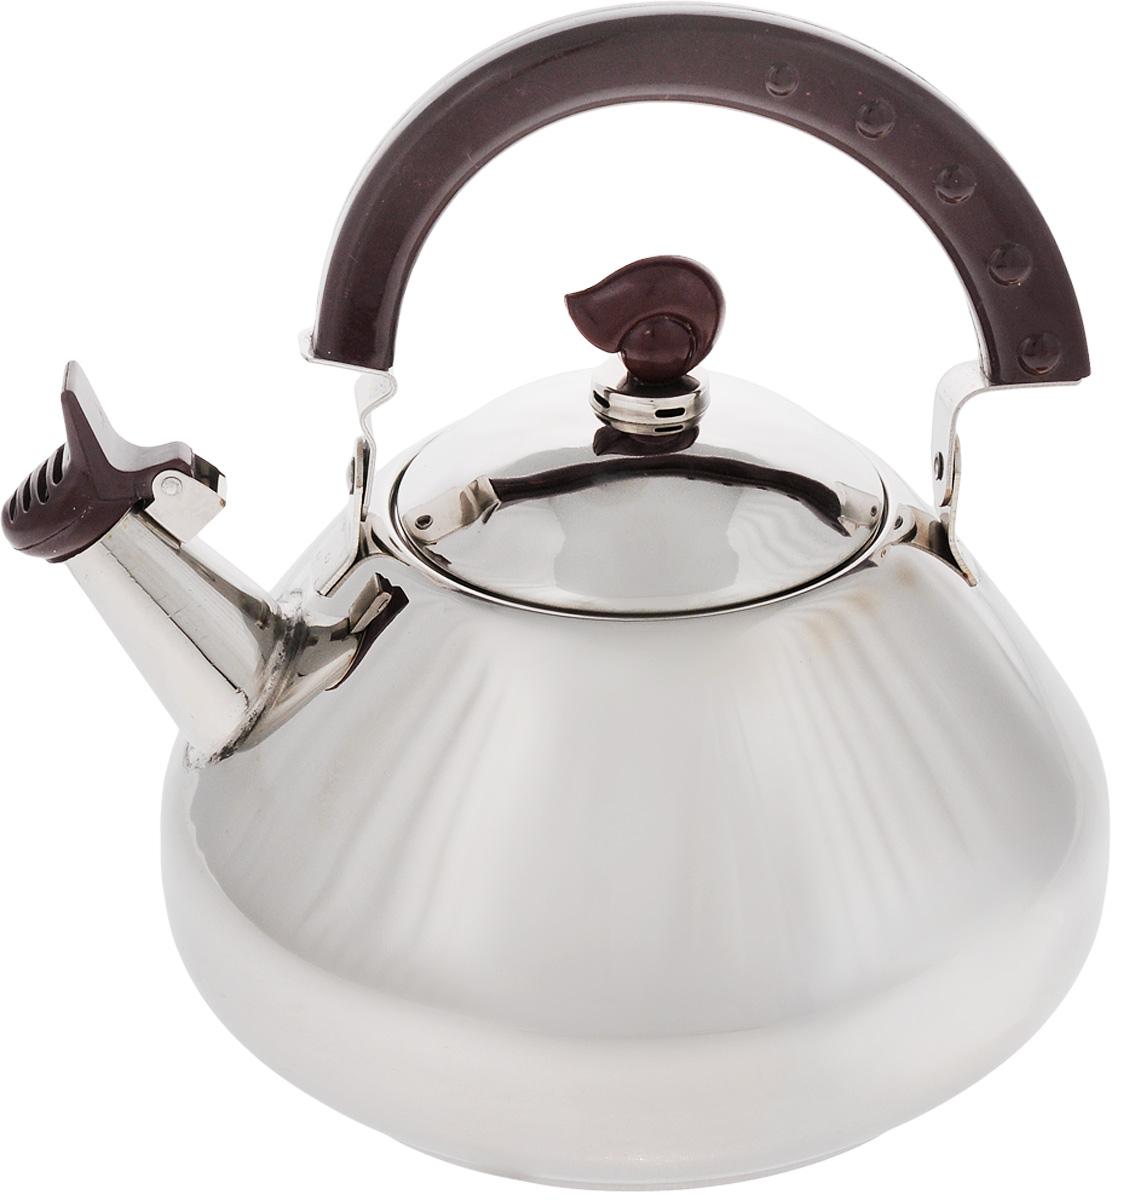 Чайник Mayer & Boch, со свистком, 2,6 л. 11011101Чайник Mayer & Boch изготовлен из высококачественной нержавеющей стали. Капсулированное дно с прослойкой из алюминия обеспечивает наилучшее распределение тепла. Носик чайника оснащен свистком, что позволит контролировать процесс подогрева или кипячения воды. Подвижная бакелитовая ручка имеет эргономичнуюформу, это дает дополнительное удобство при разлитии напитка. Чайник подходит для использования на всех типах плит, включая индукционные. Можно мыть в посудомоечной машине.Диаметр чайника по верхнему краю: 17,5 см.Высота чайника (без учета ручки и крышки): 11 см.